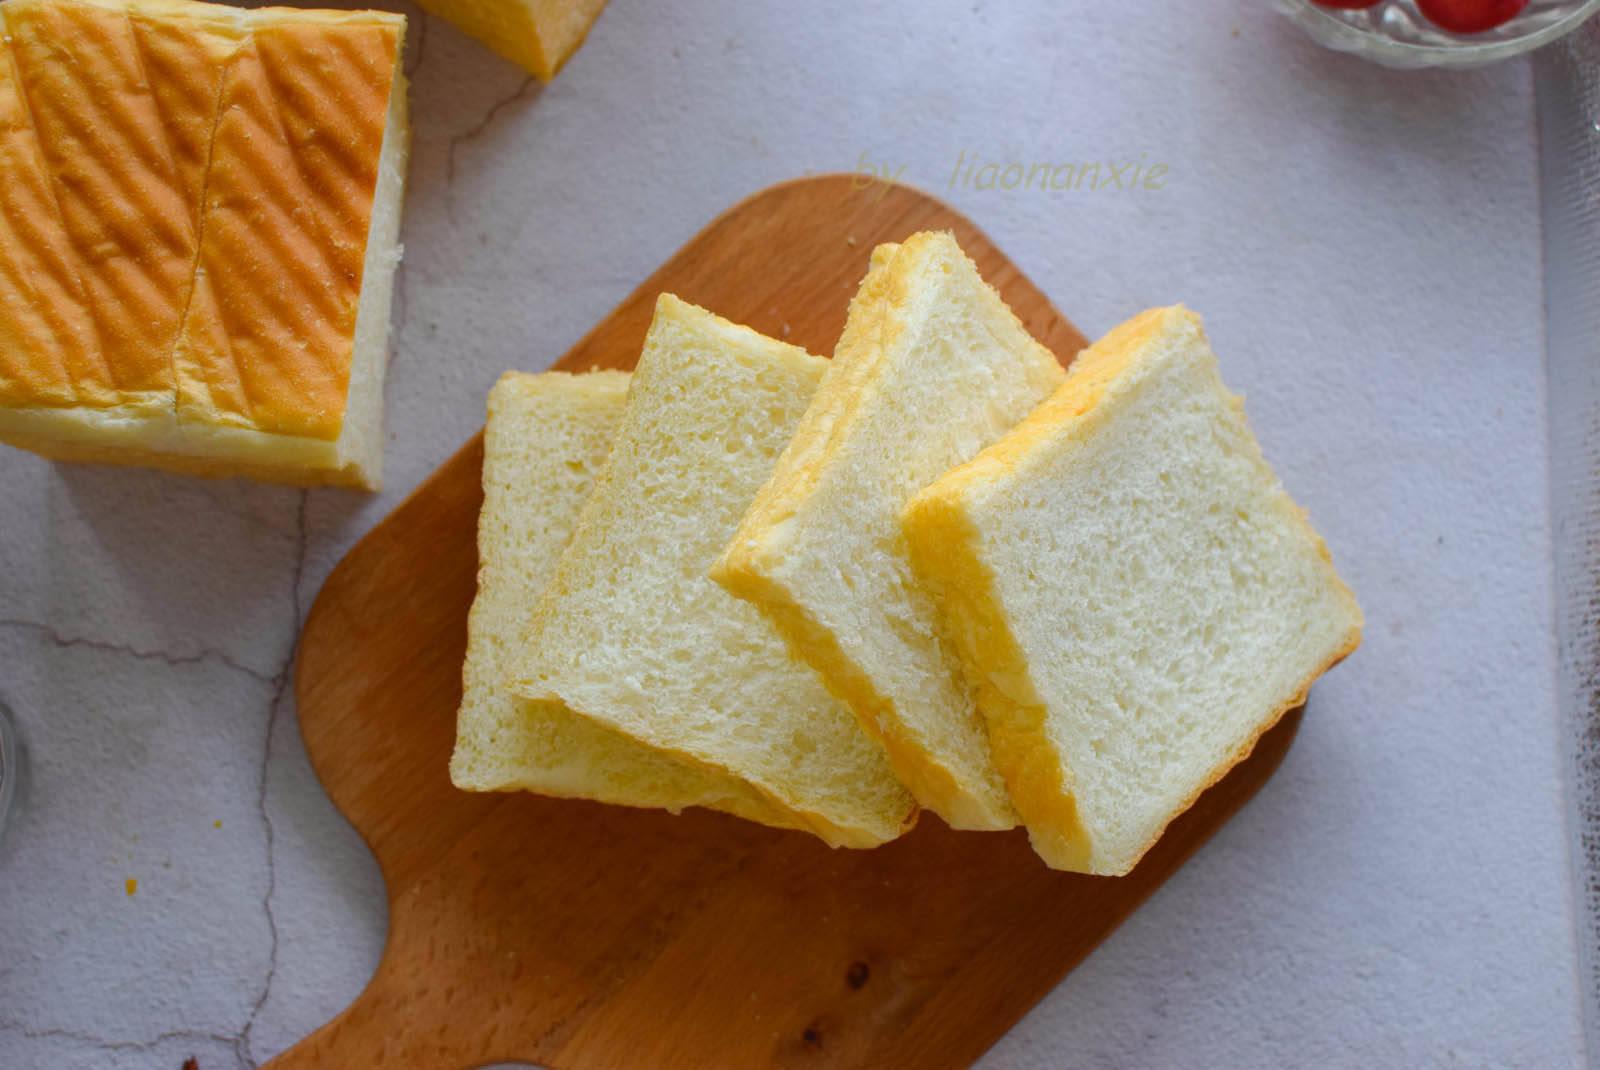 「面团」这个要点一定要注意,否则面团很难揉出膜,夏季做吐司面包